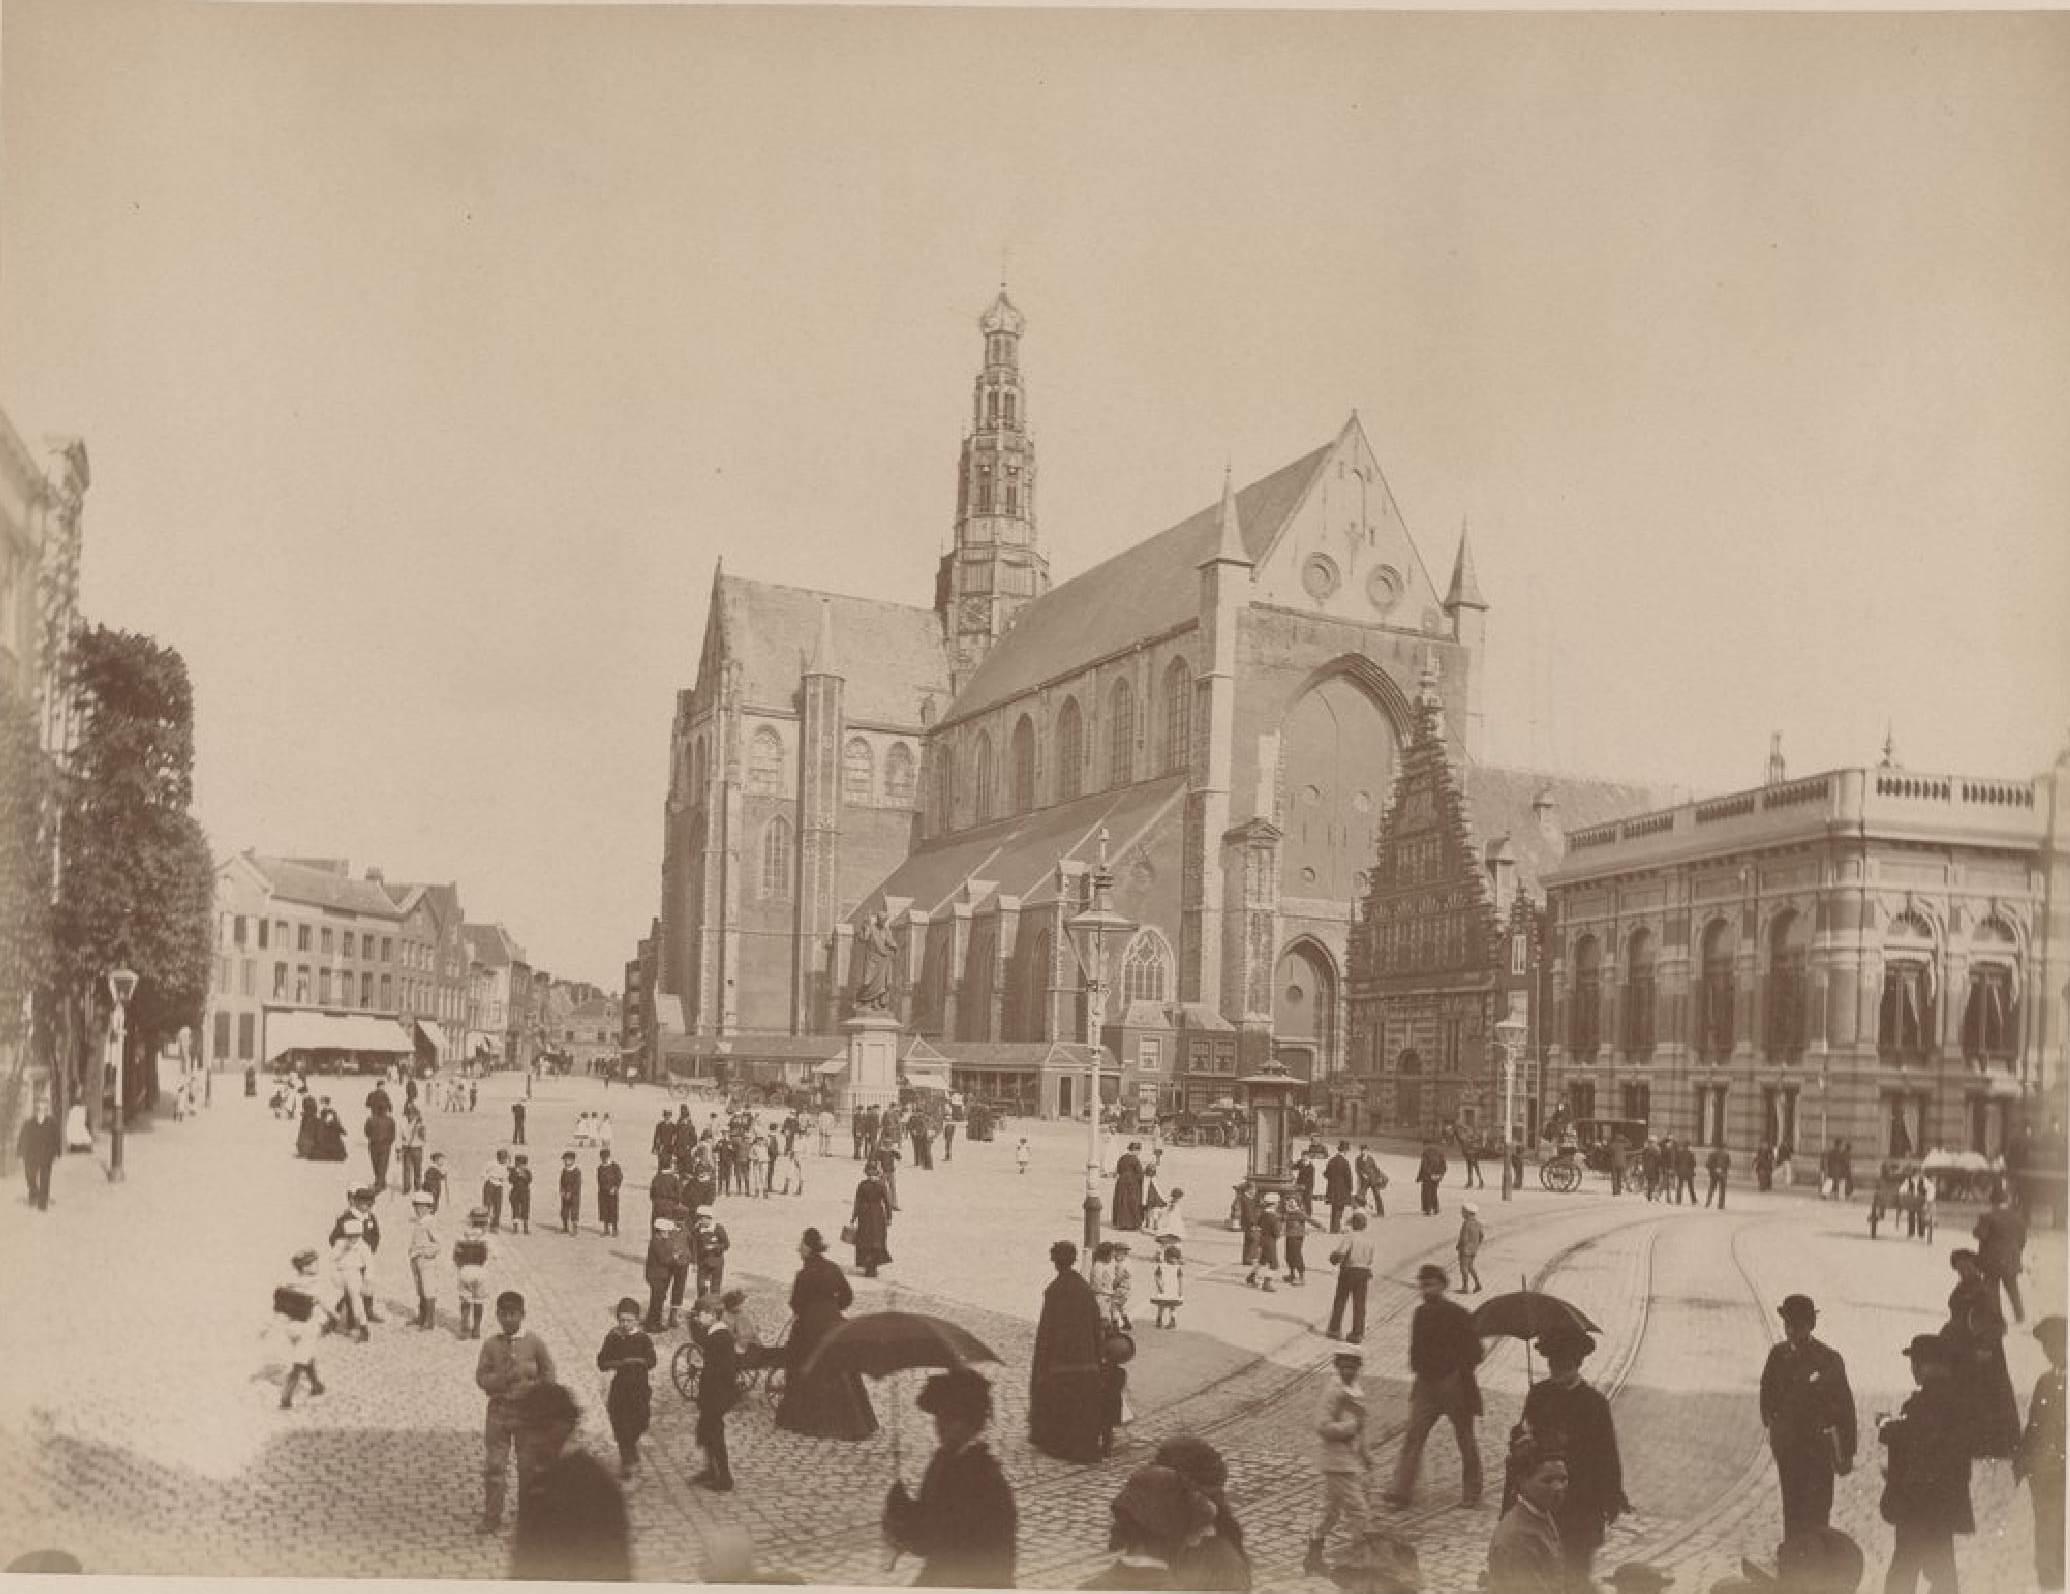 Харлем. Церковь Святого Бавона, 16 мая 1888 года